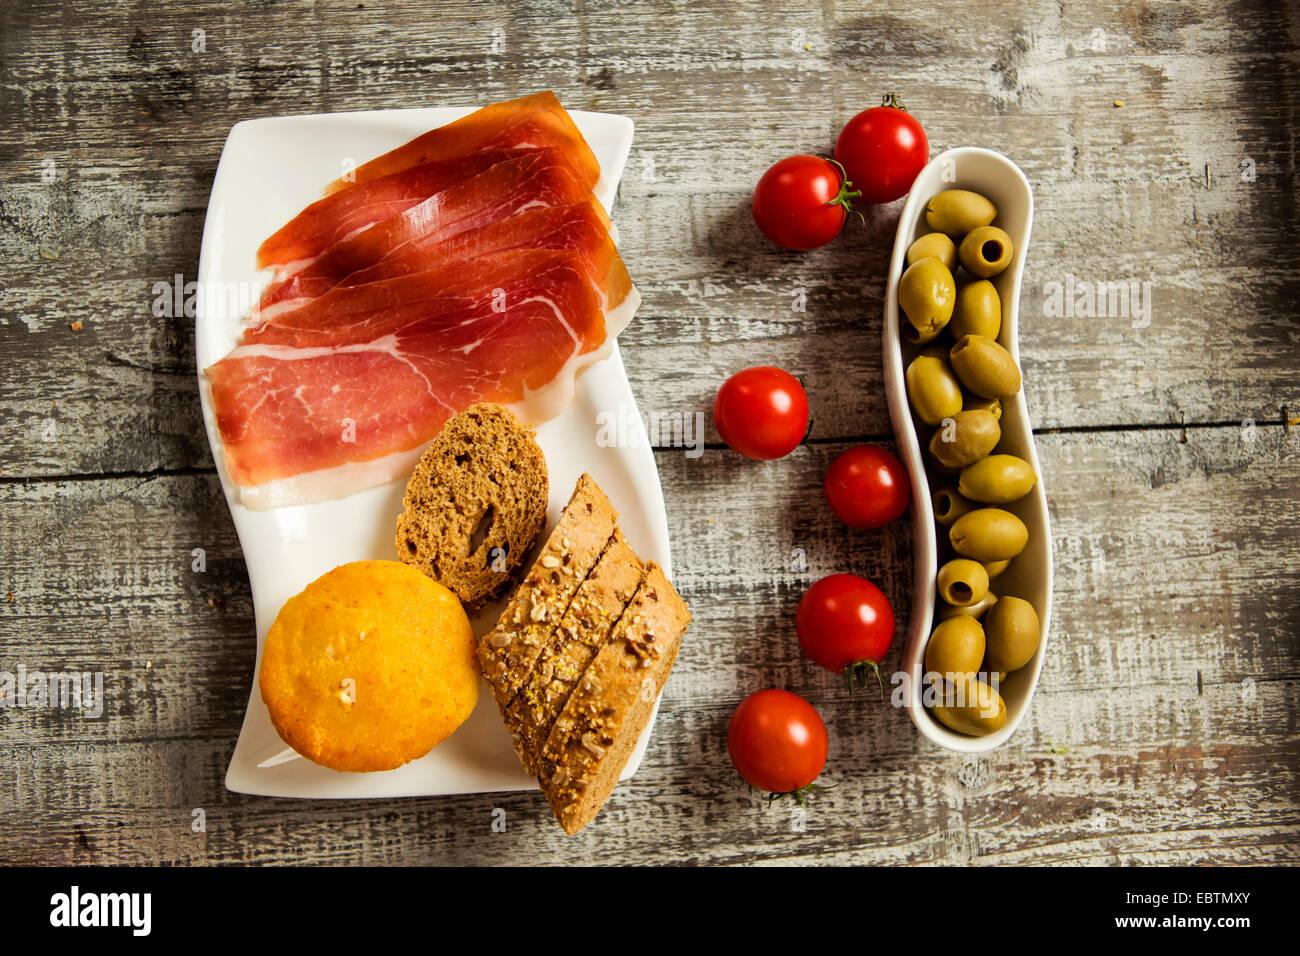 La nourriture fraîche sur la table Photo Stock